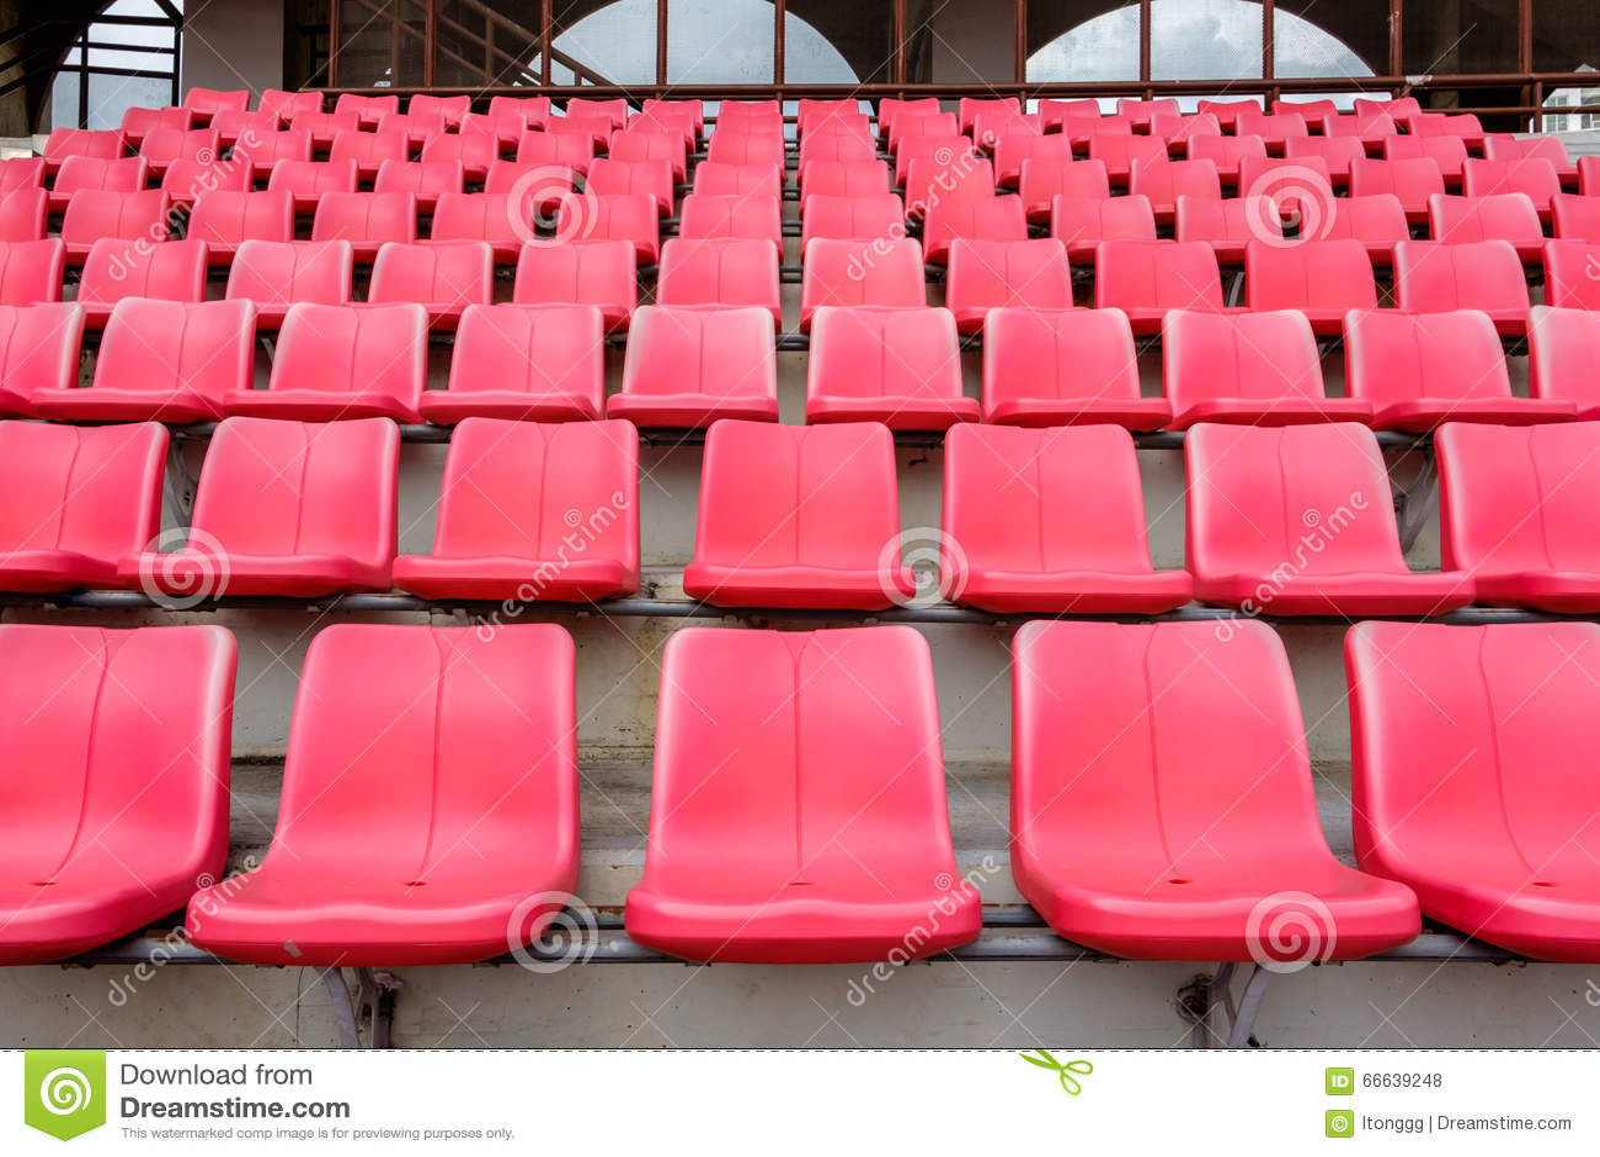 Assentos vermelhos no estádio de futebol